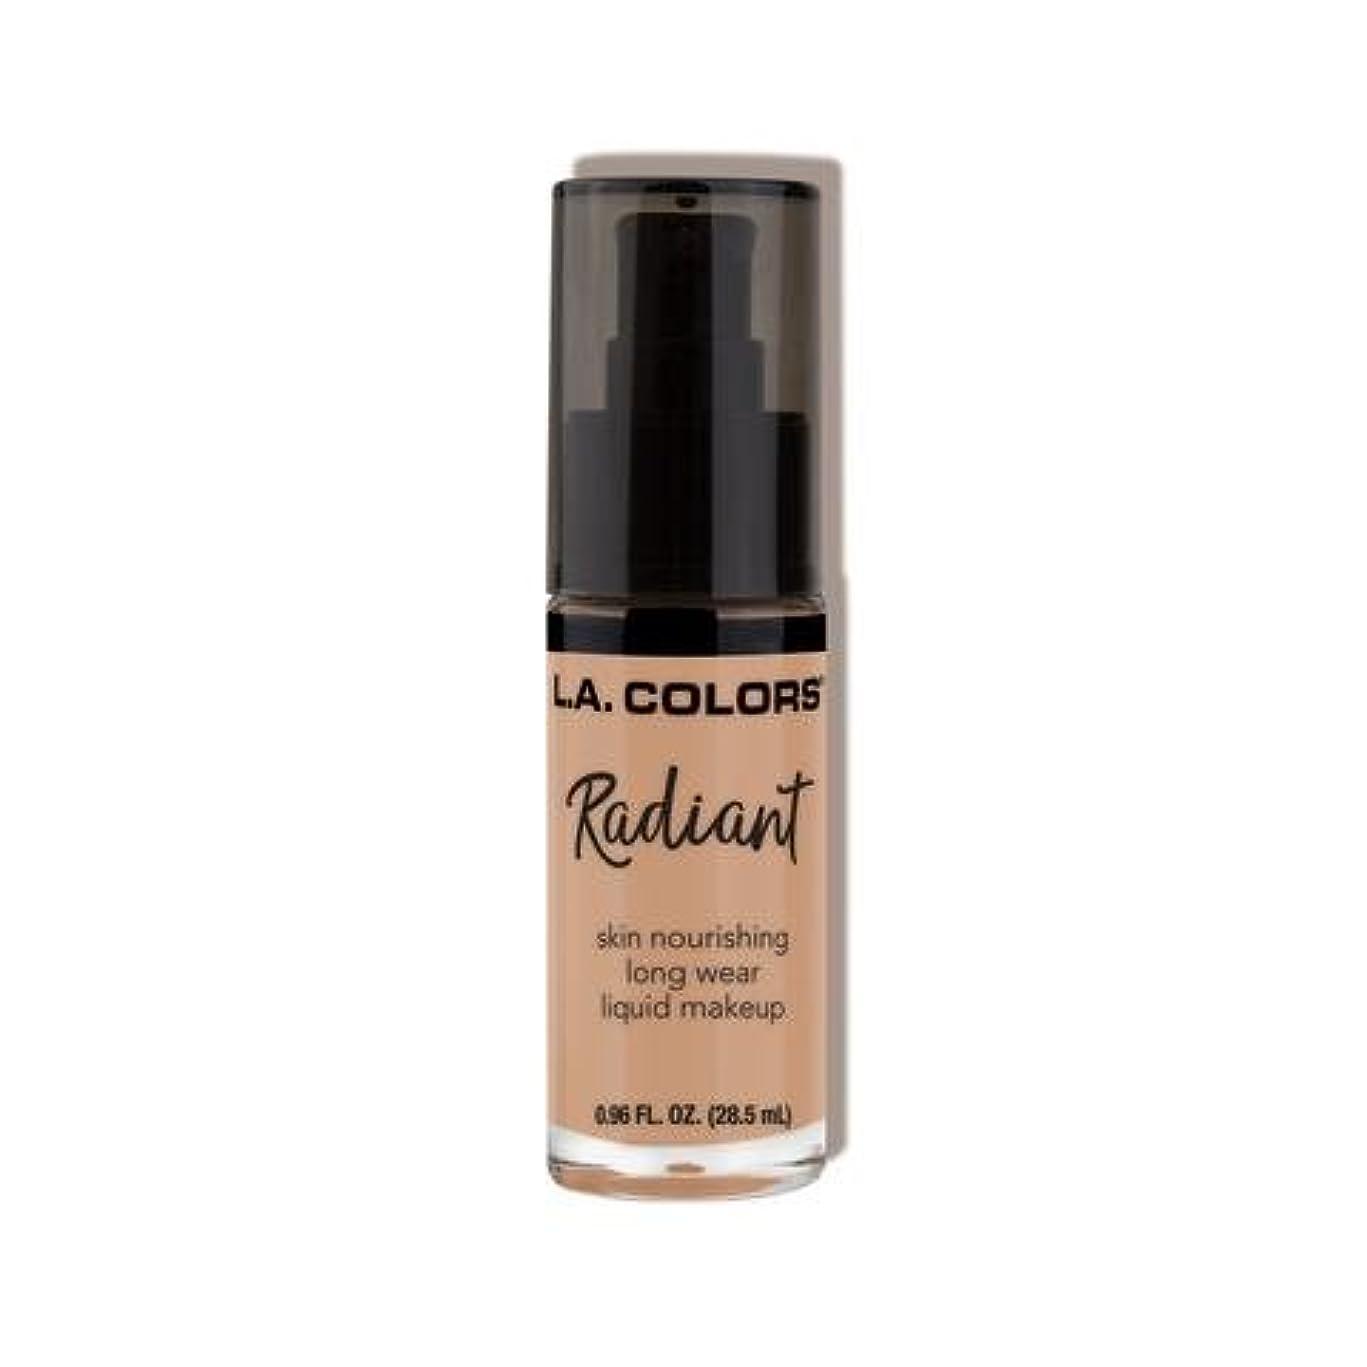 参加する招待弾丸(3 Pack) L.A. COLORS Radiant Liquid Makeup - Medium Tan (並行輸入品)